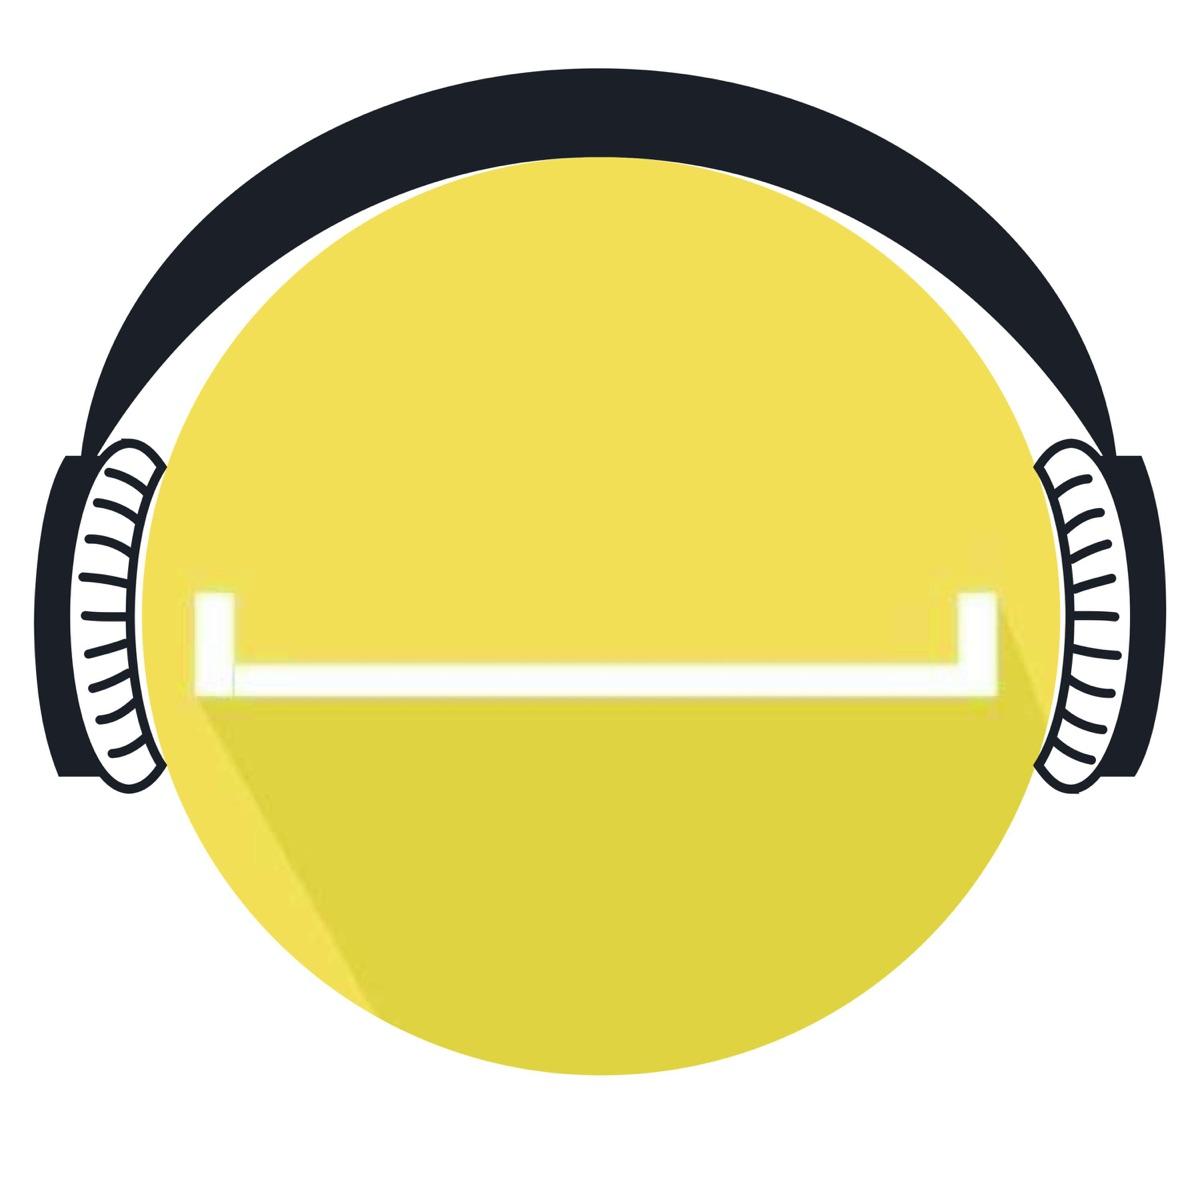 SPATIE Podcast